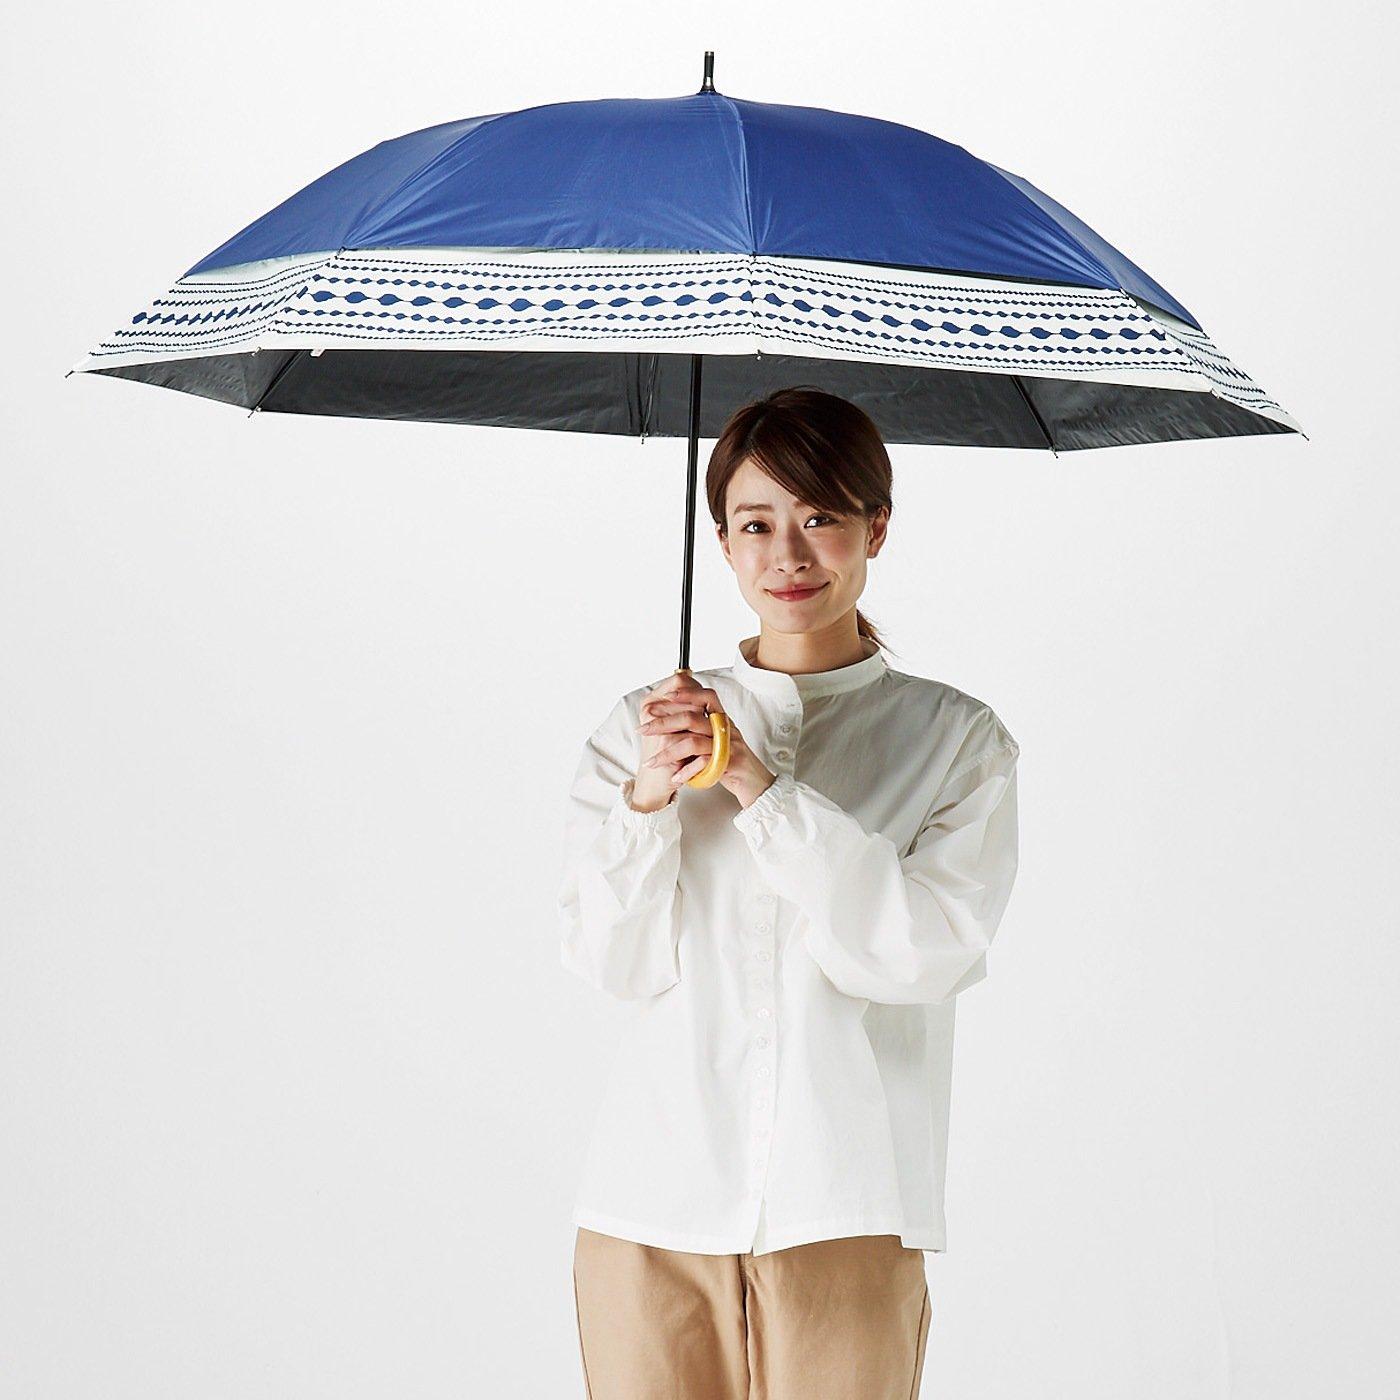 開くとニョキッと広がる とにかくジャンボな晴雨兼用傘 のび~る